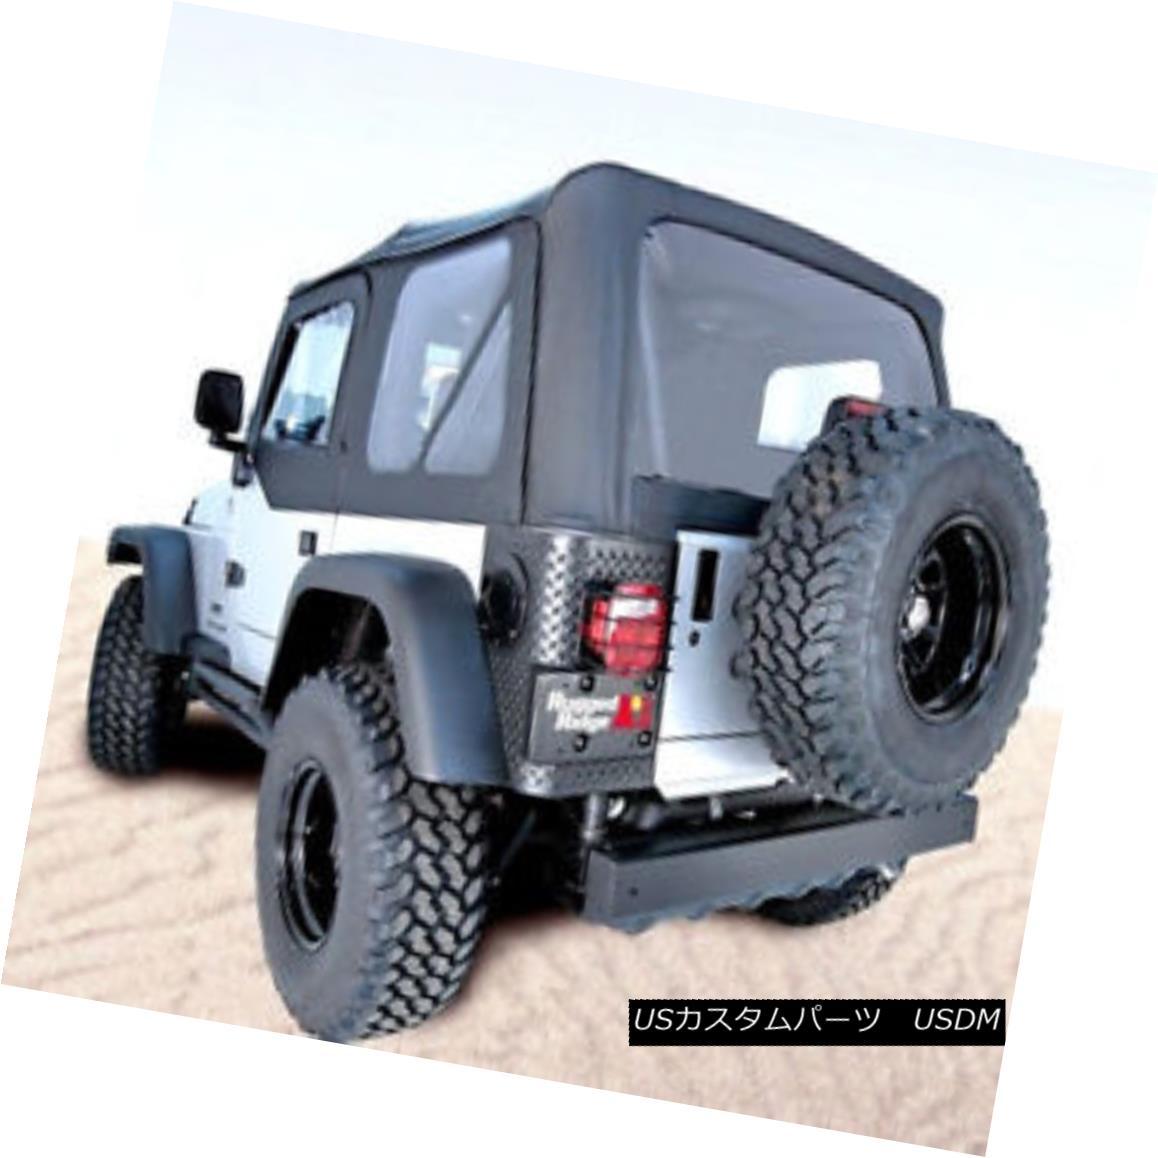 幌・ソフトトップ Jeep Wrangler Unlimited LJ Soft Top Black Diamond XHD Tinted windows 13731.35 ジープラングラー無制限LJソフトトップブラックダイヤモンドXHD着色窓13731.35